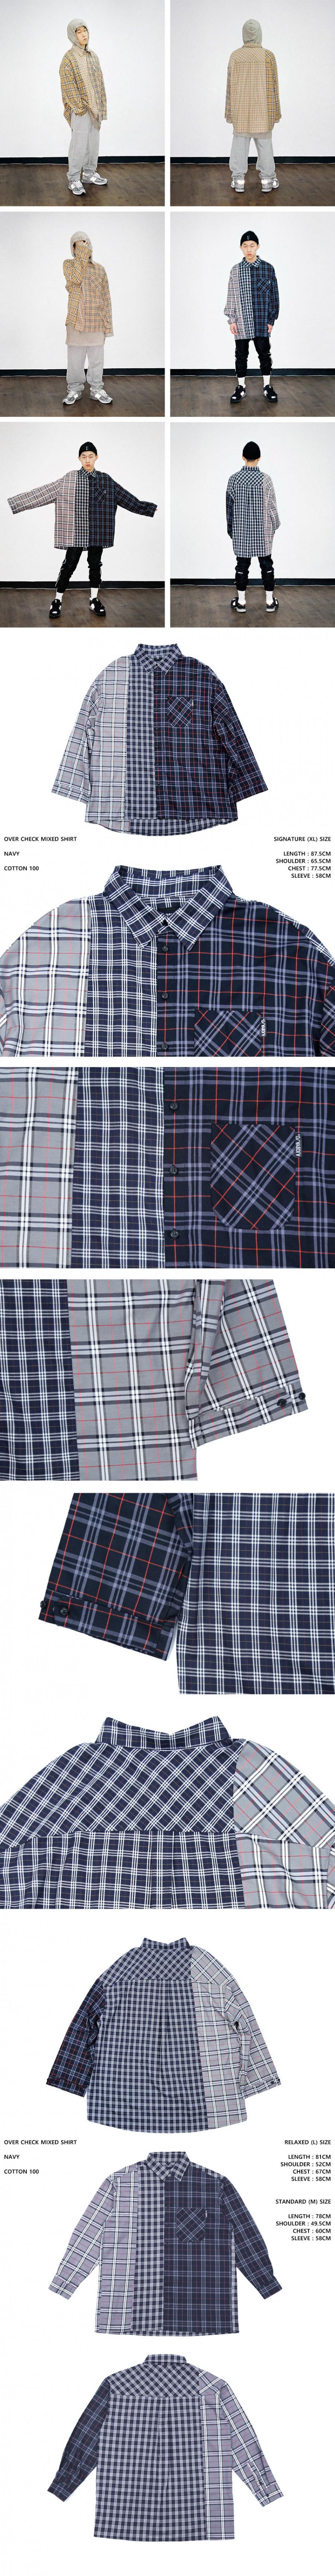 아조바이아조 오리지널 라벨(AJOBYAJO ORIGINAL LABEL) Over Check Mixed Shirt (Navy)